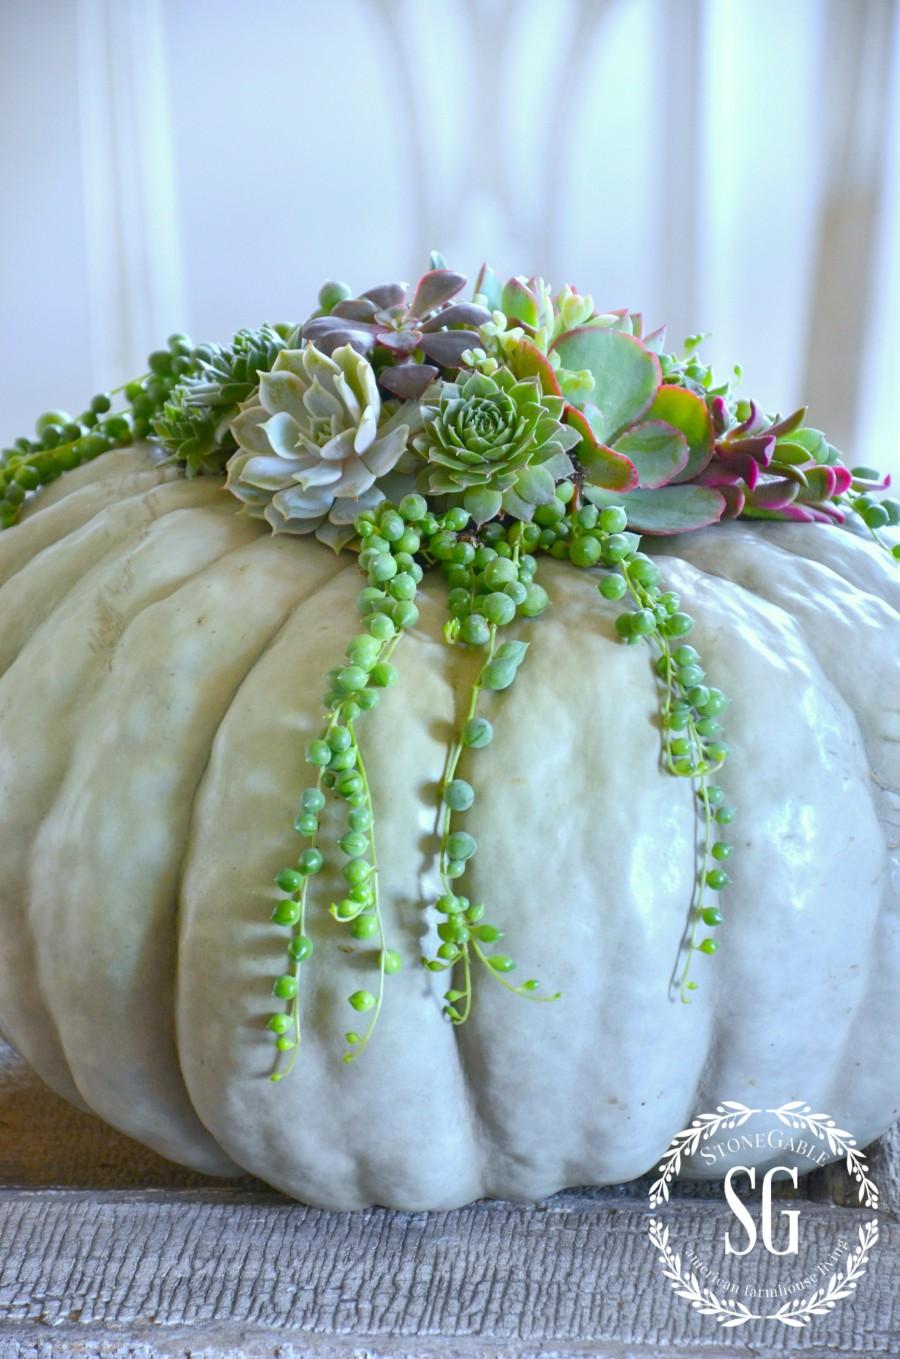 Succulent Top Pumpkins